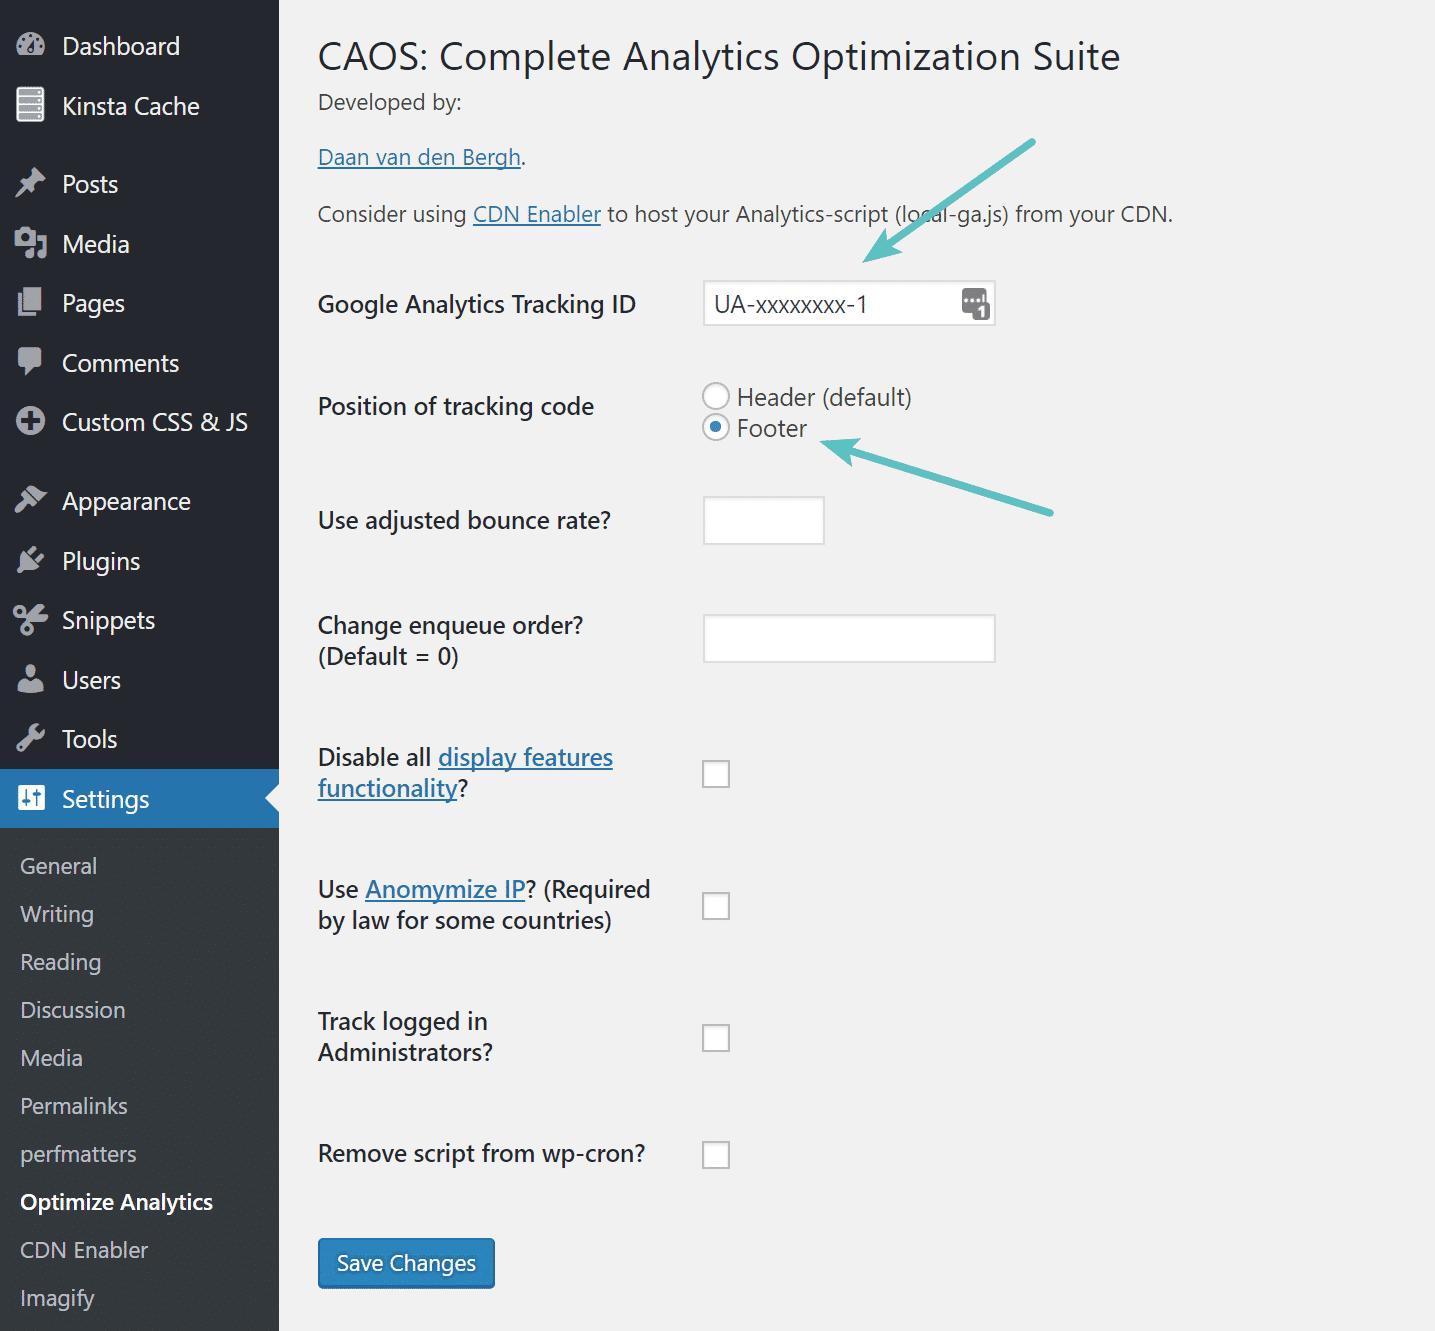 Configuración para sincronizar Google Analytics localmente